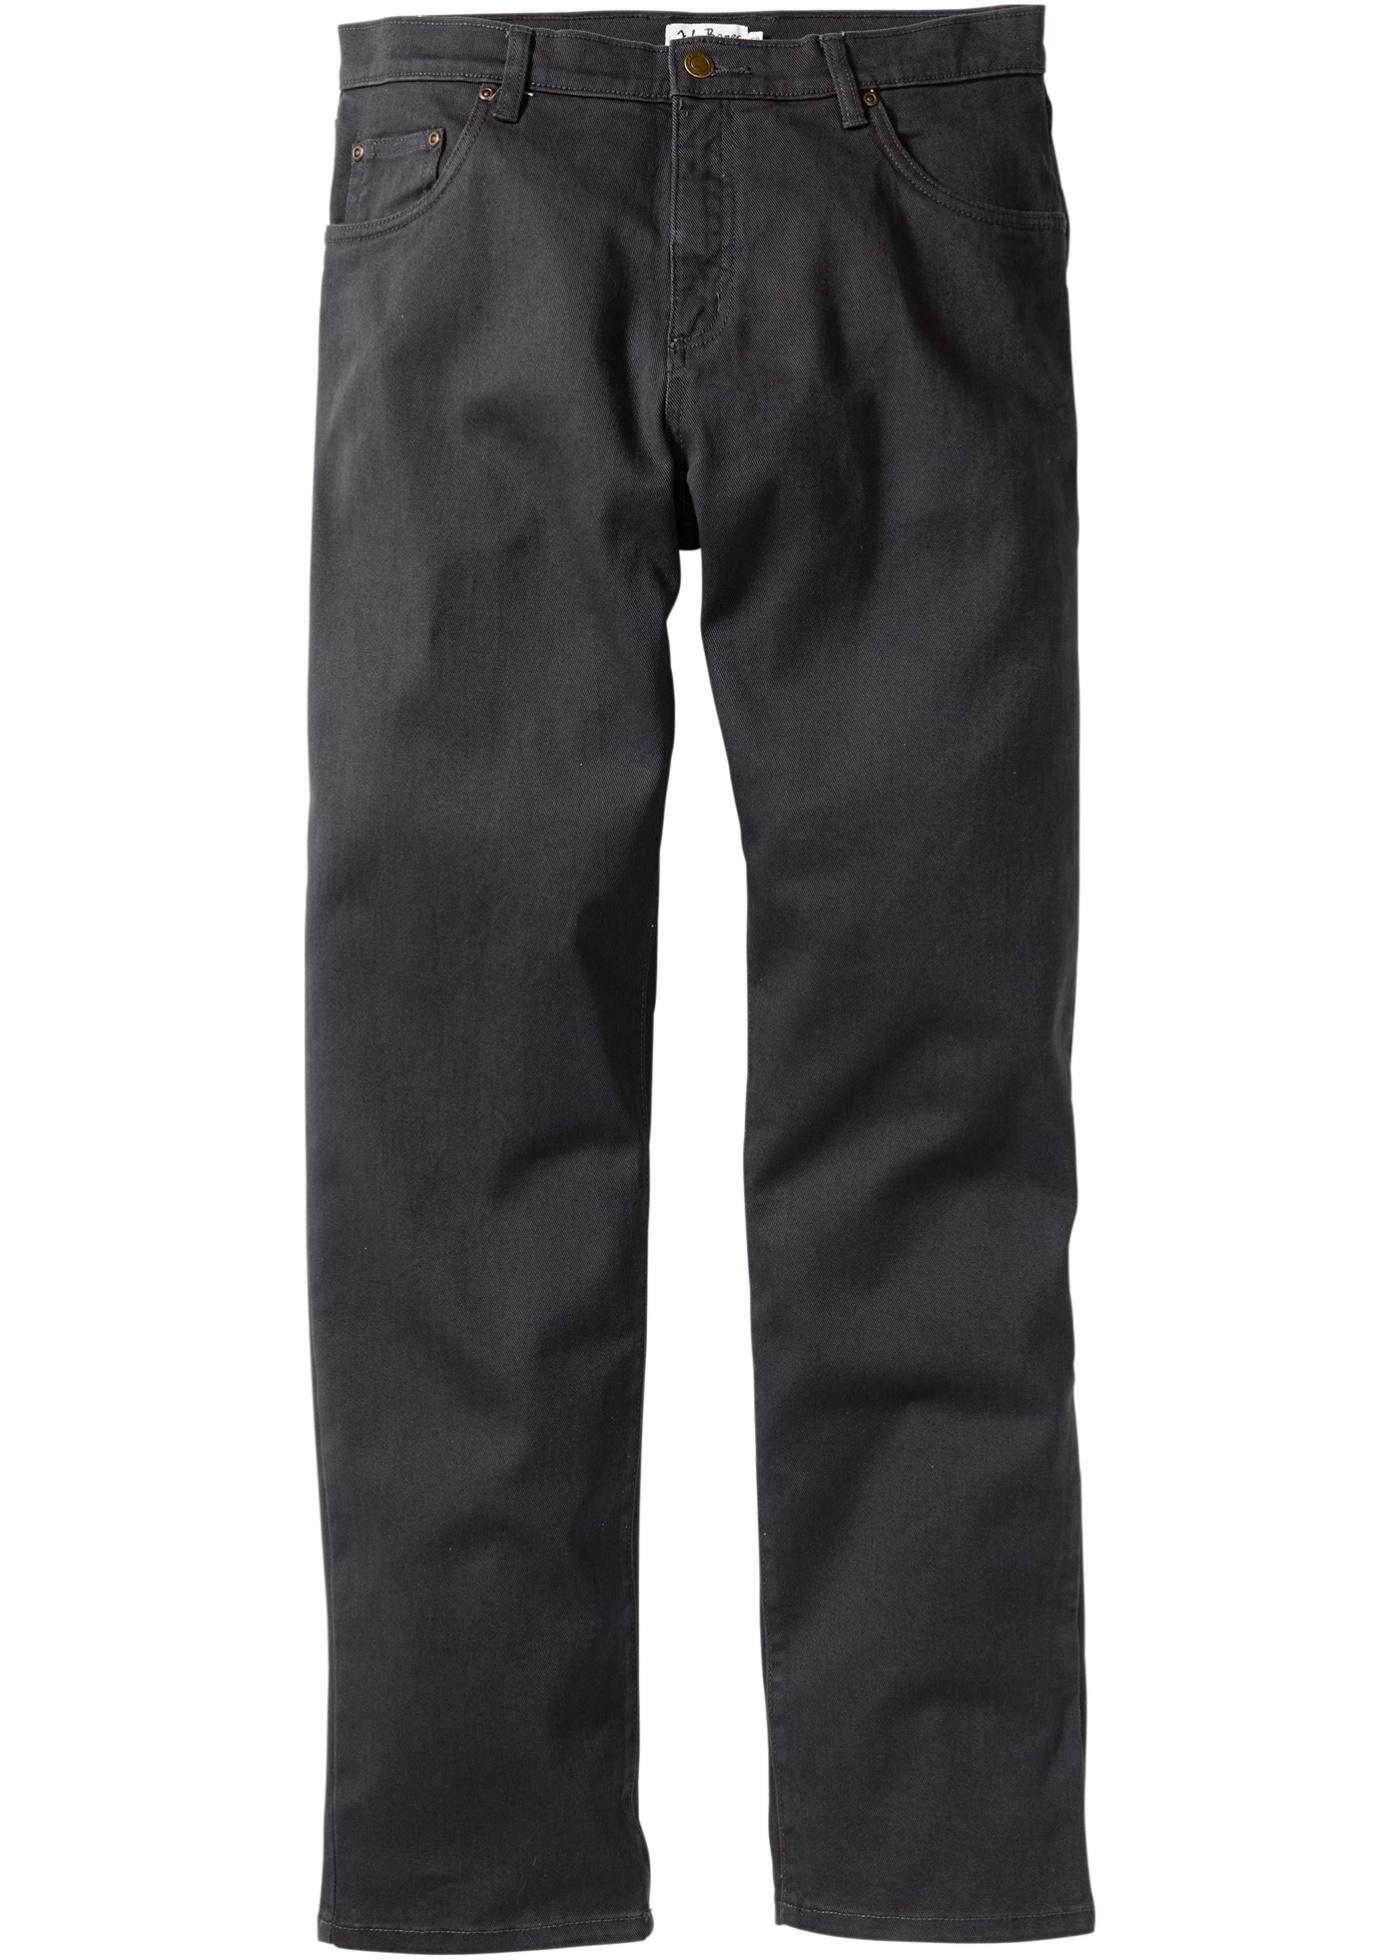 Pantalone elasticizzato c